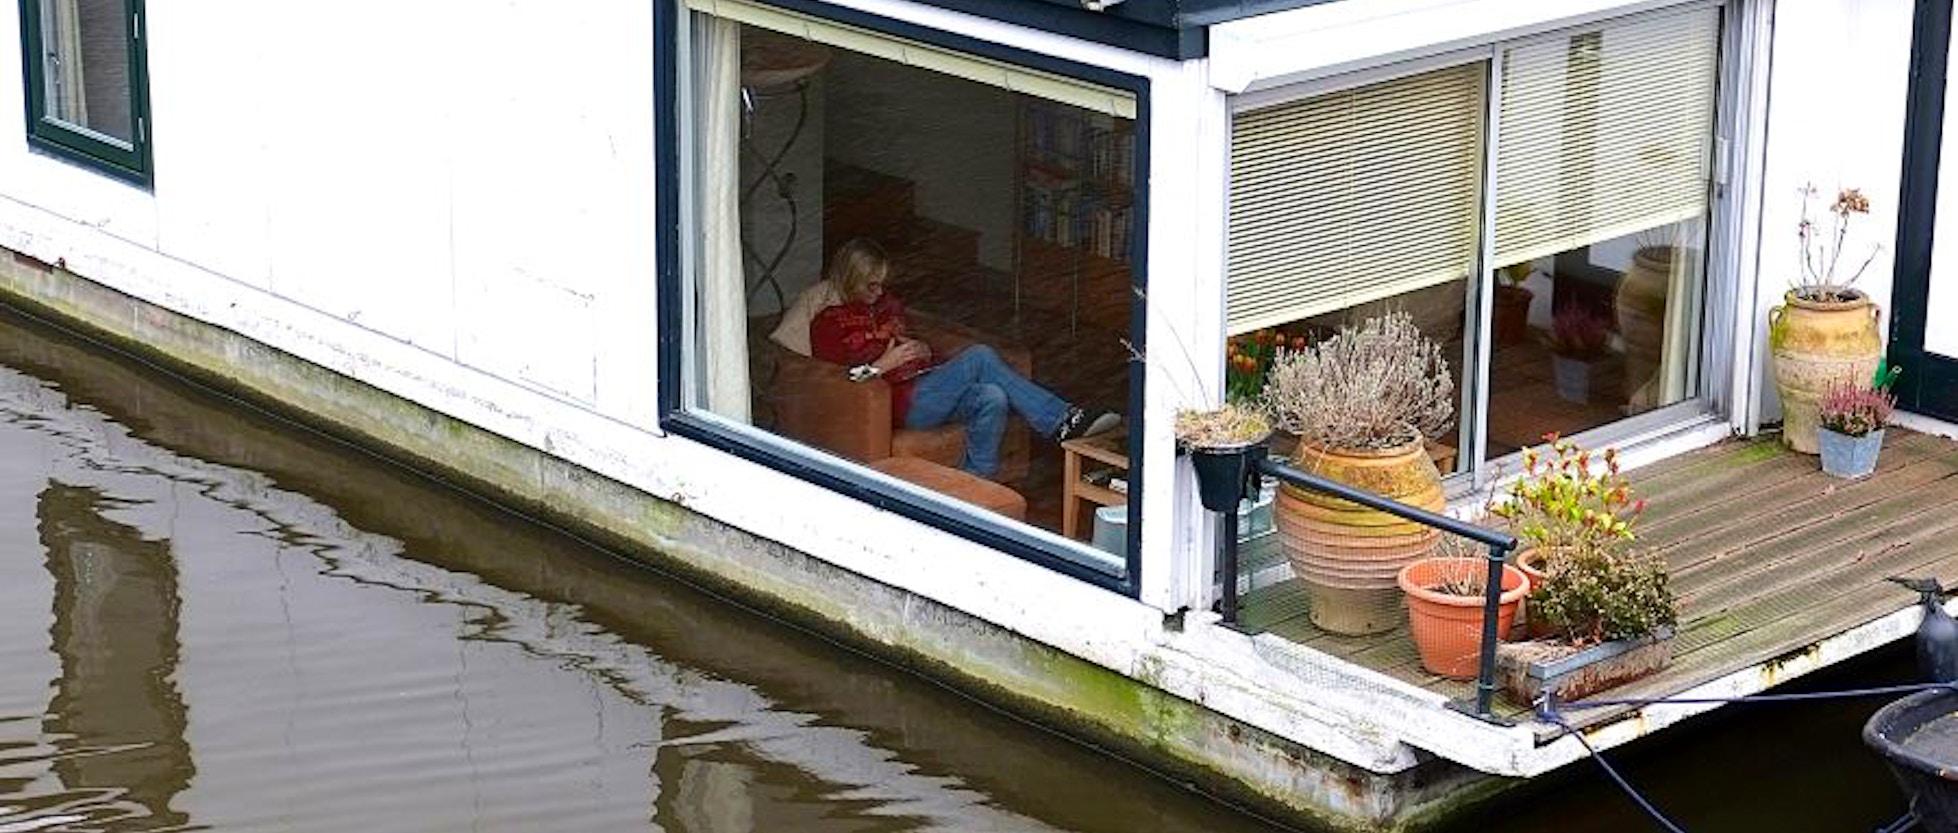 Dormire su una Houseboat: Le Case Galleggianti di Amsterdam